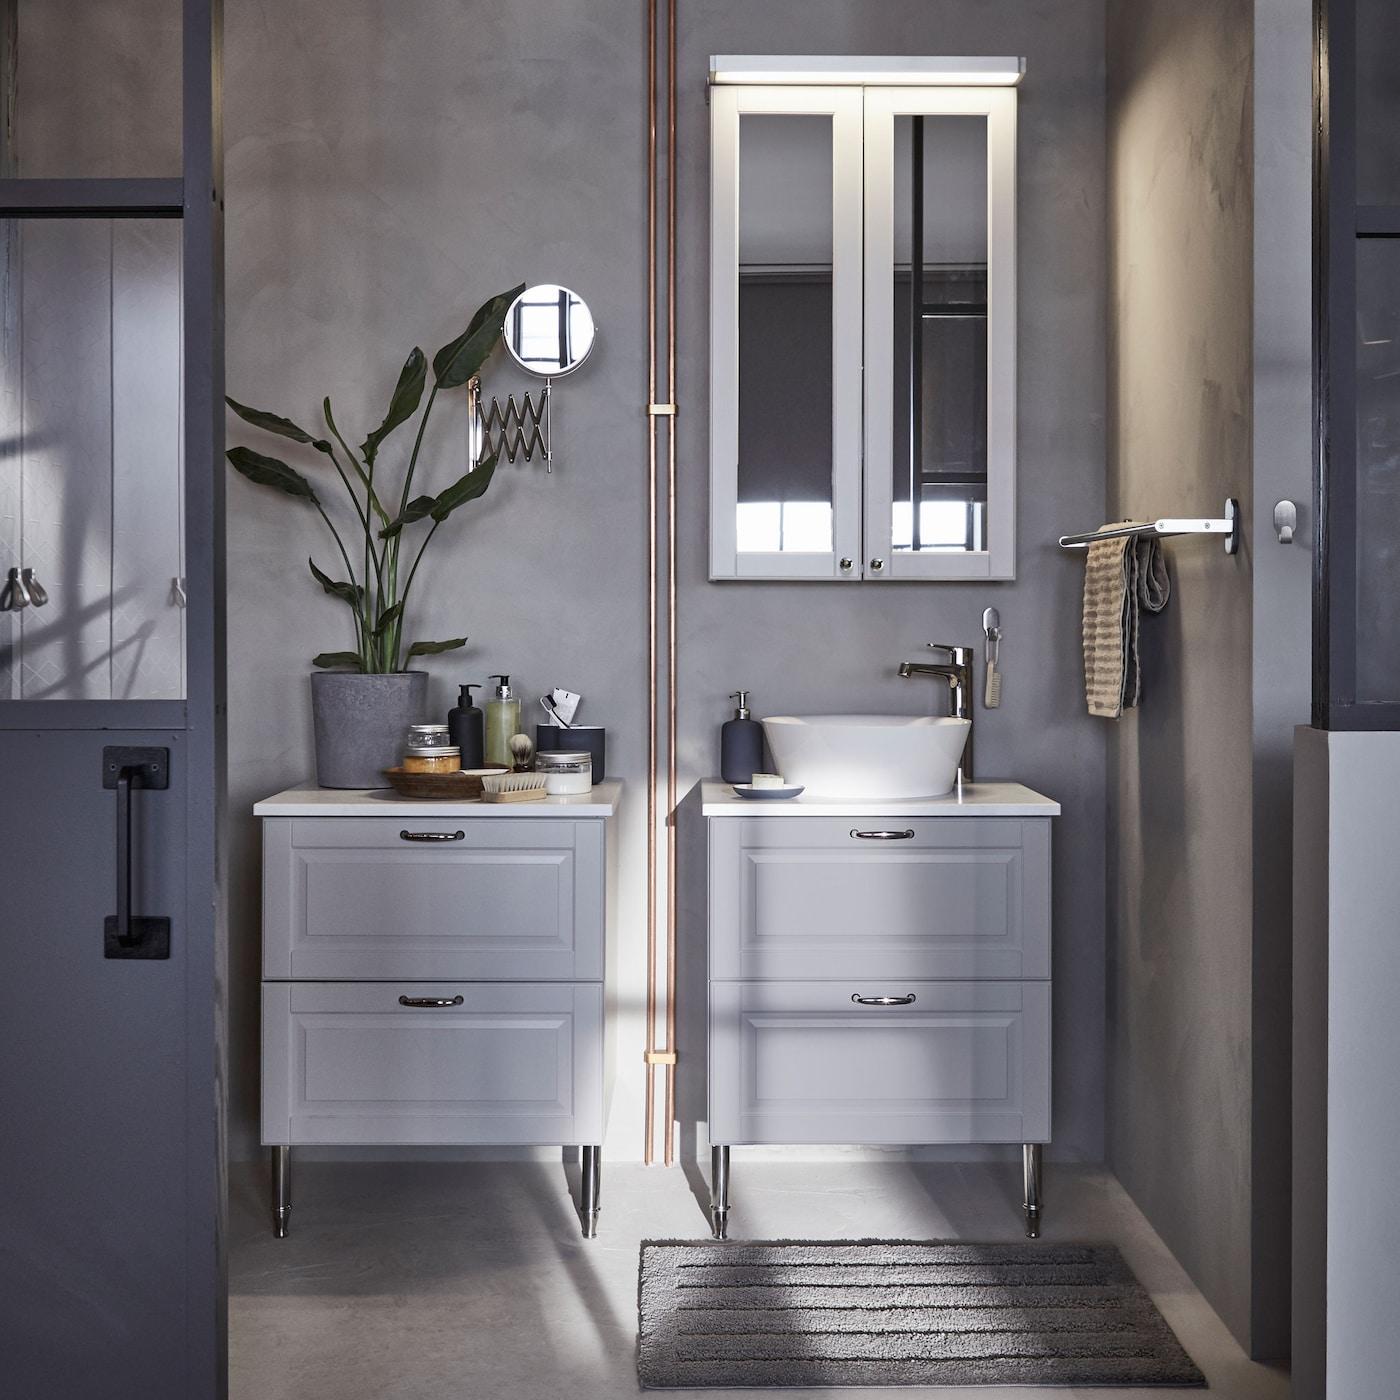 Bathroom gallery - IKEA